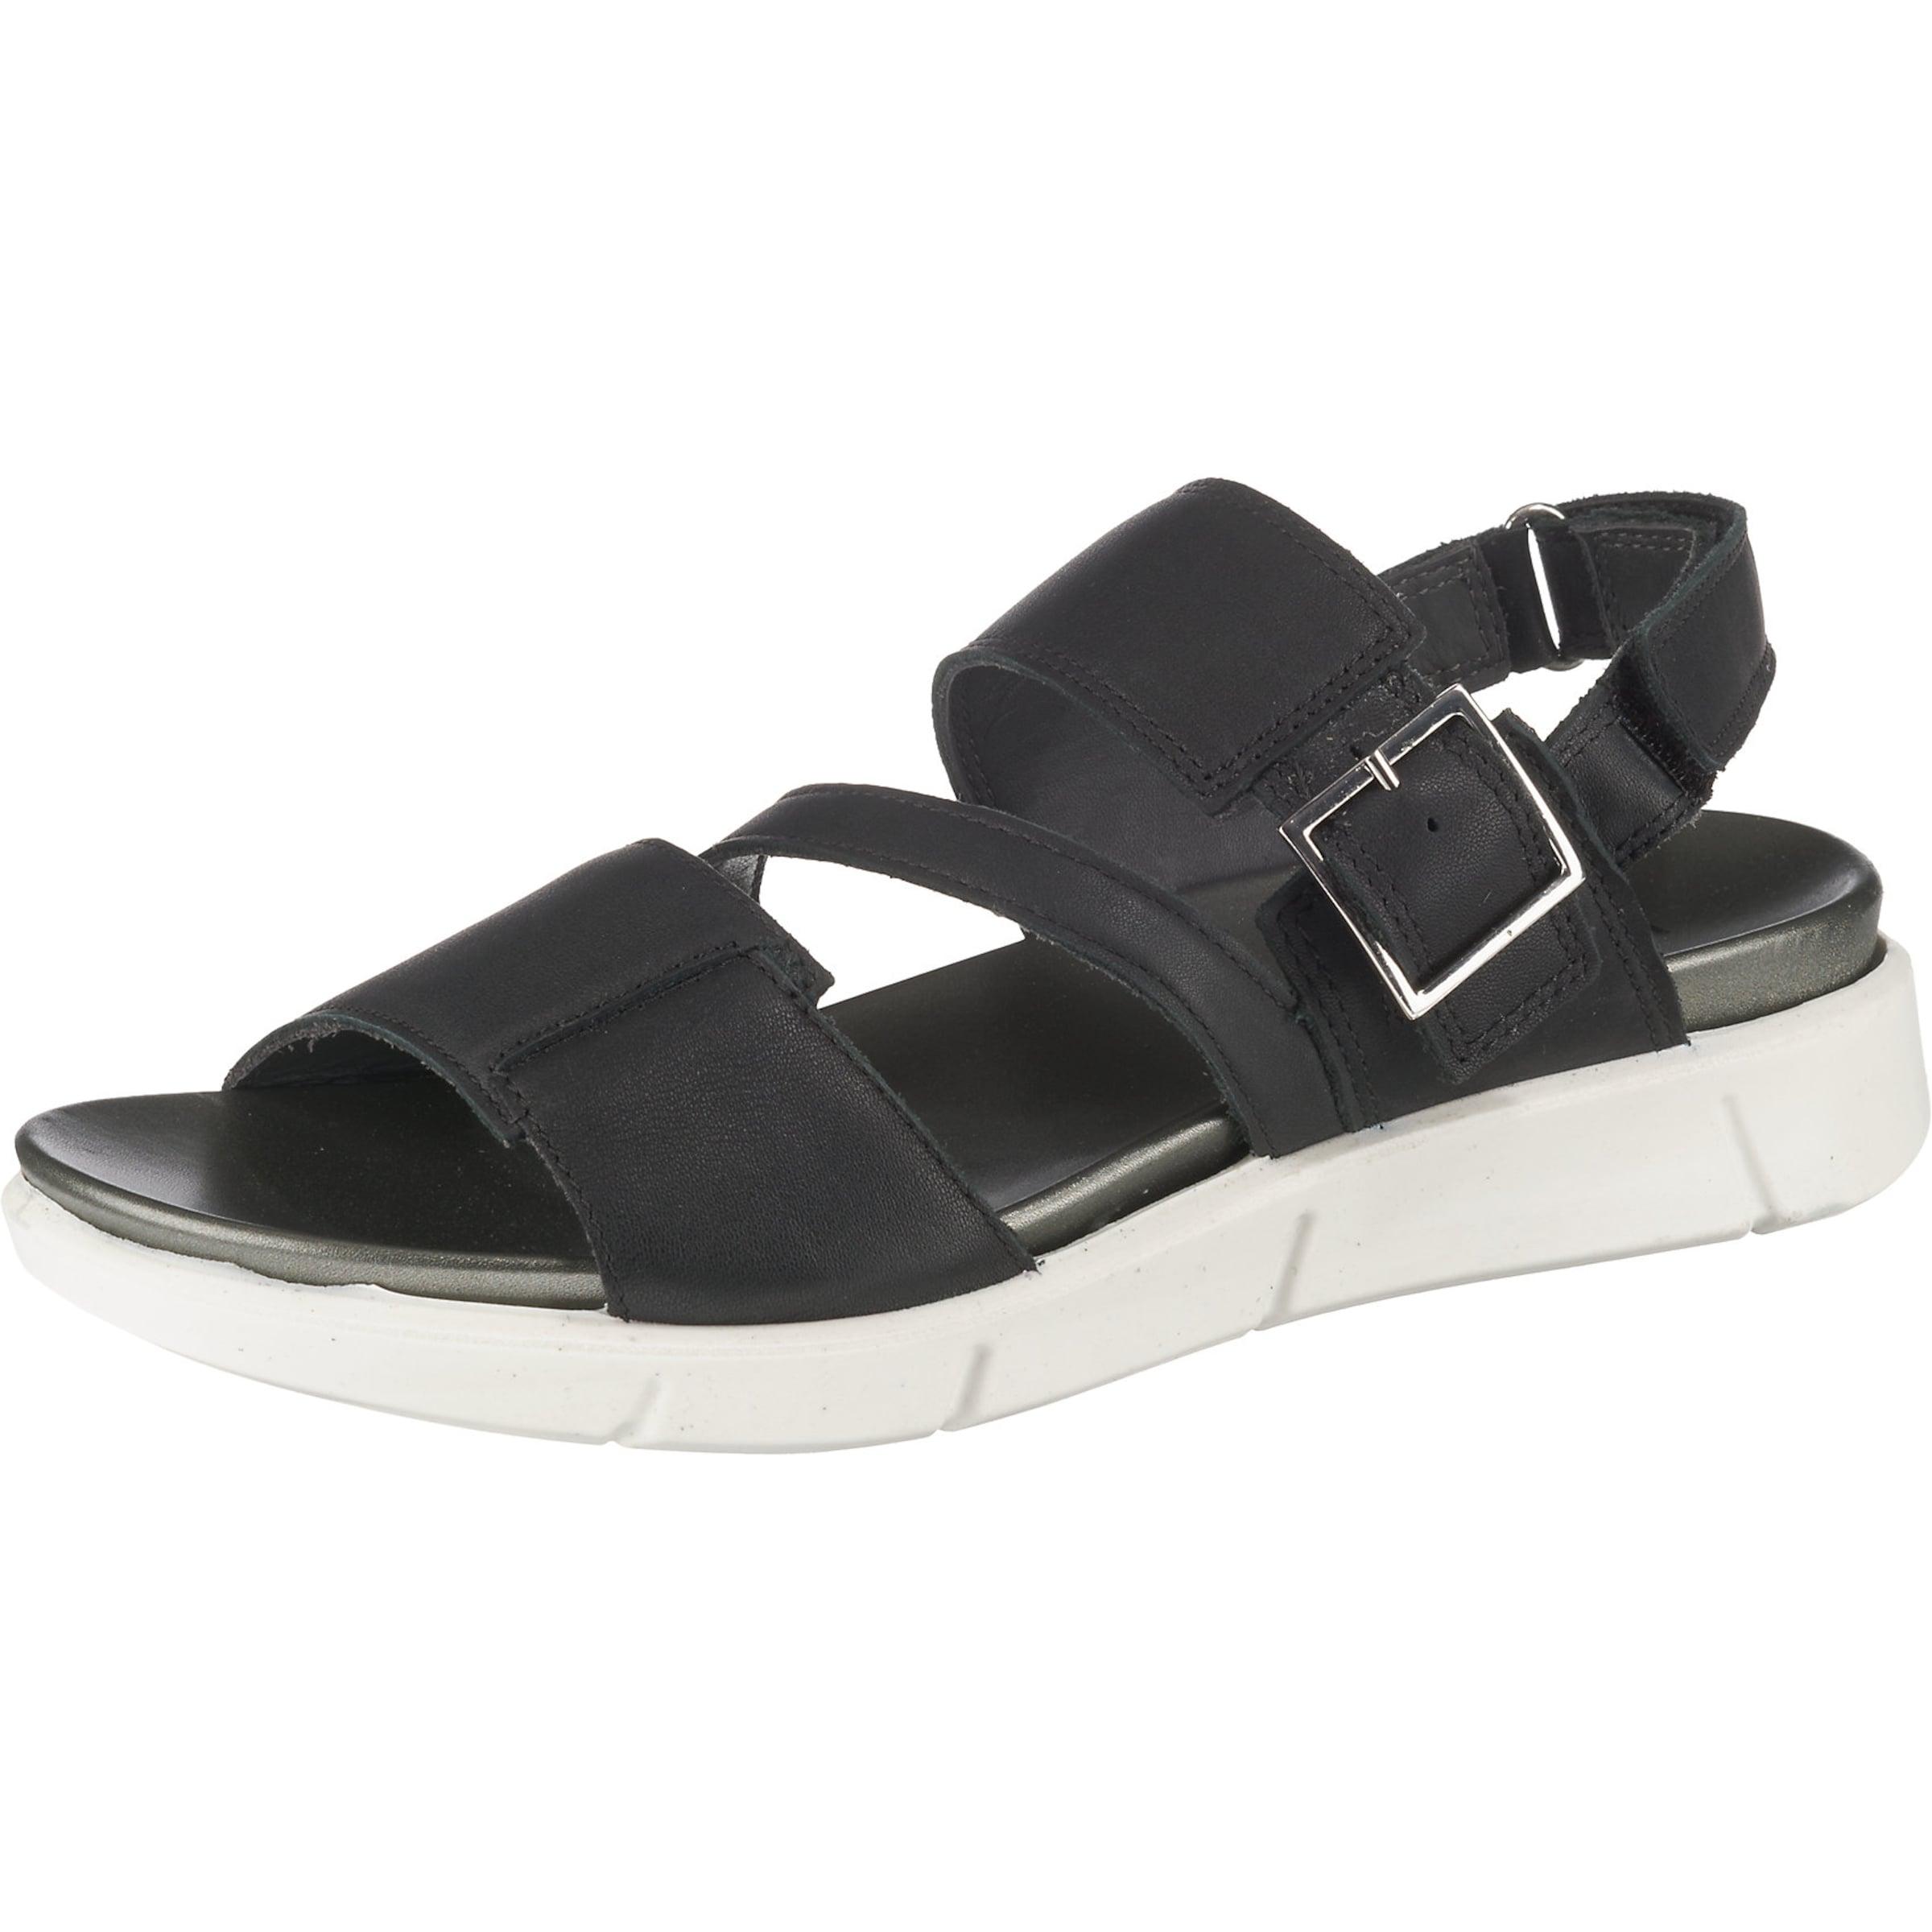 Schwarz Legero Legero In Sandale Schwarz Legero Sandale Sandale In XZuTwPkilO